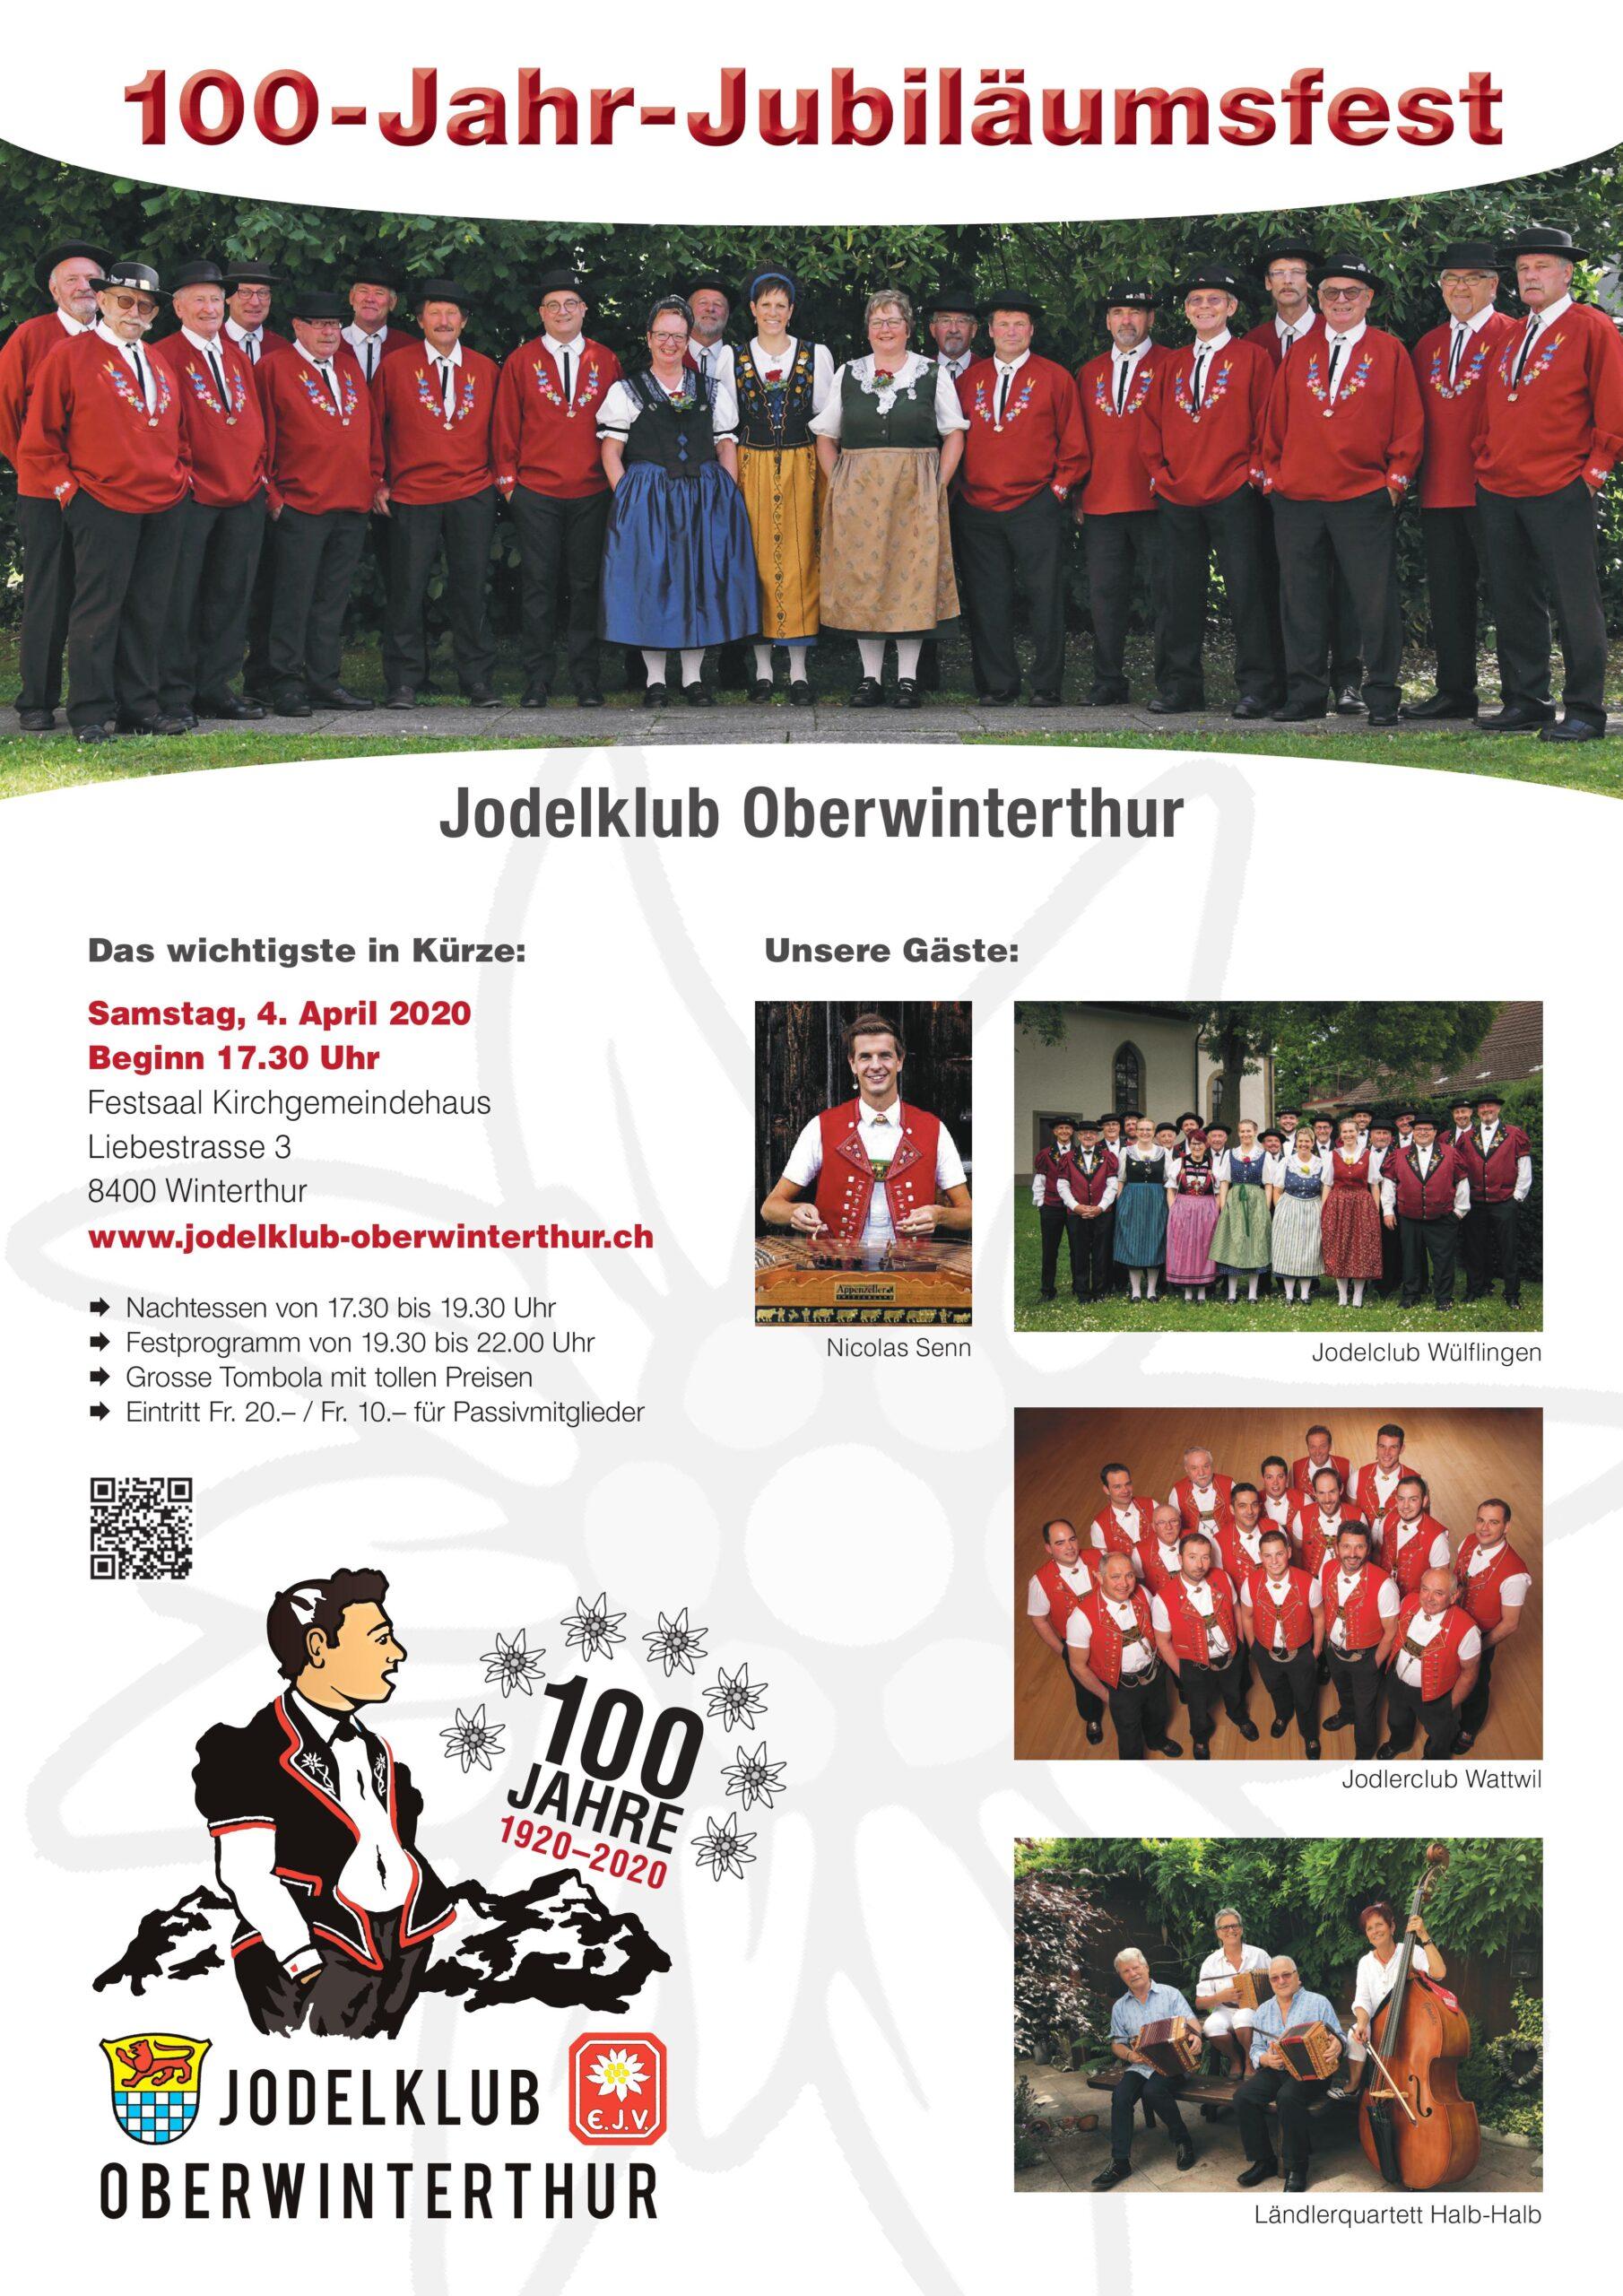 100-Jahr-Jubiläumsfest